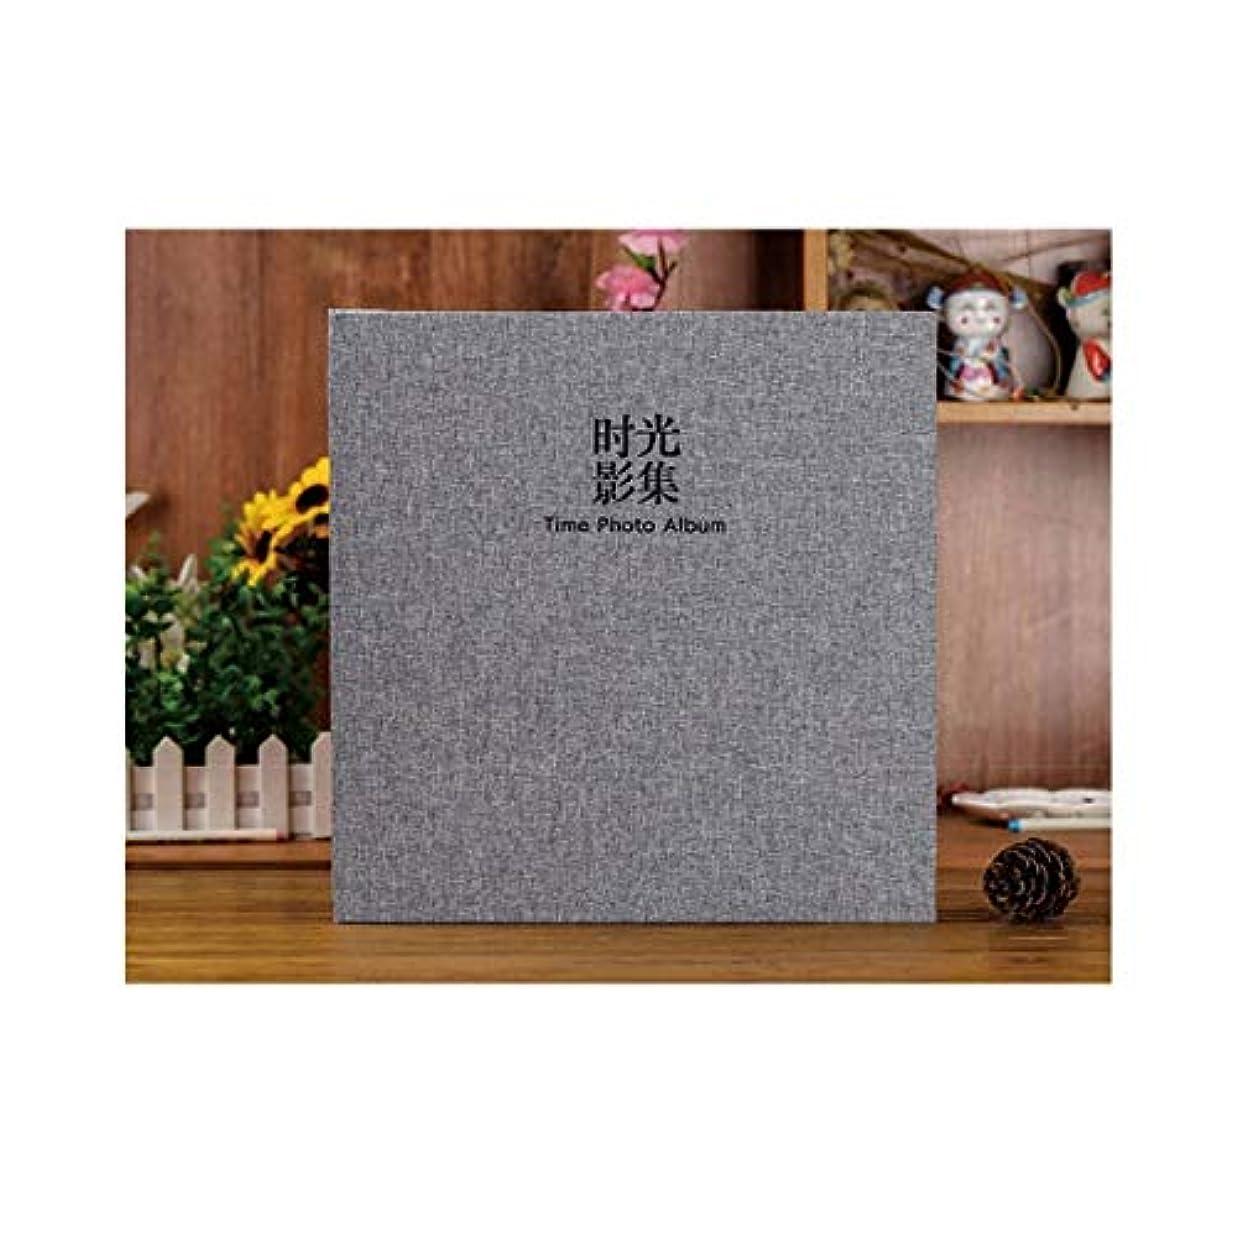 テーマ治す多様性ASHDZ 自己接着スクラップブック、40ページのマニュアルのフォトアルバムスクラップブック、記念日に適した、旅行アルバム (Size : 32.5*33*3cm)